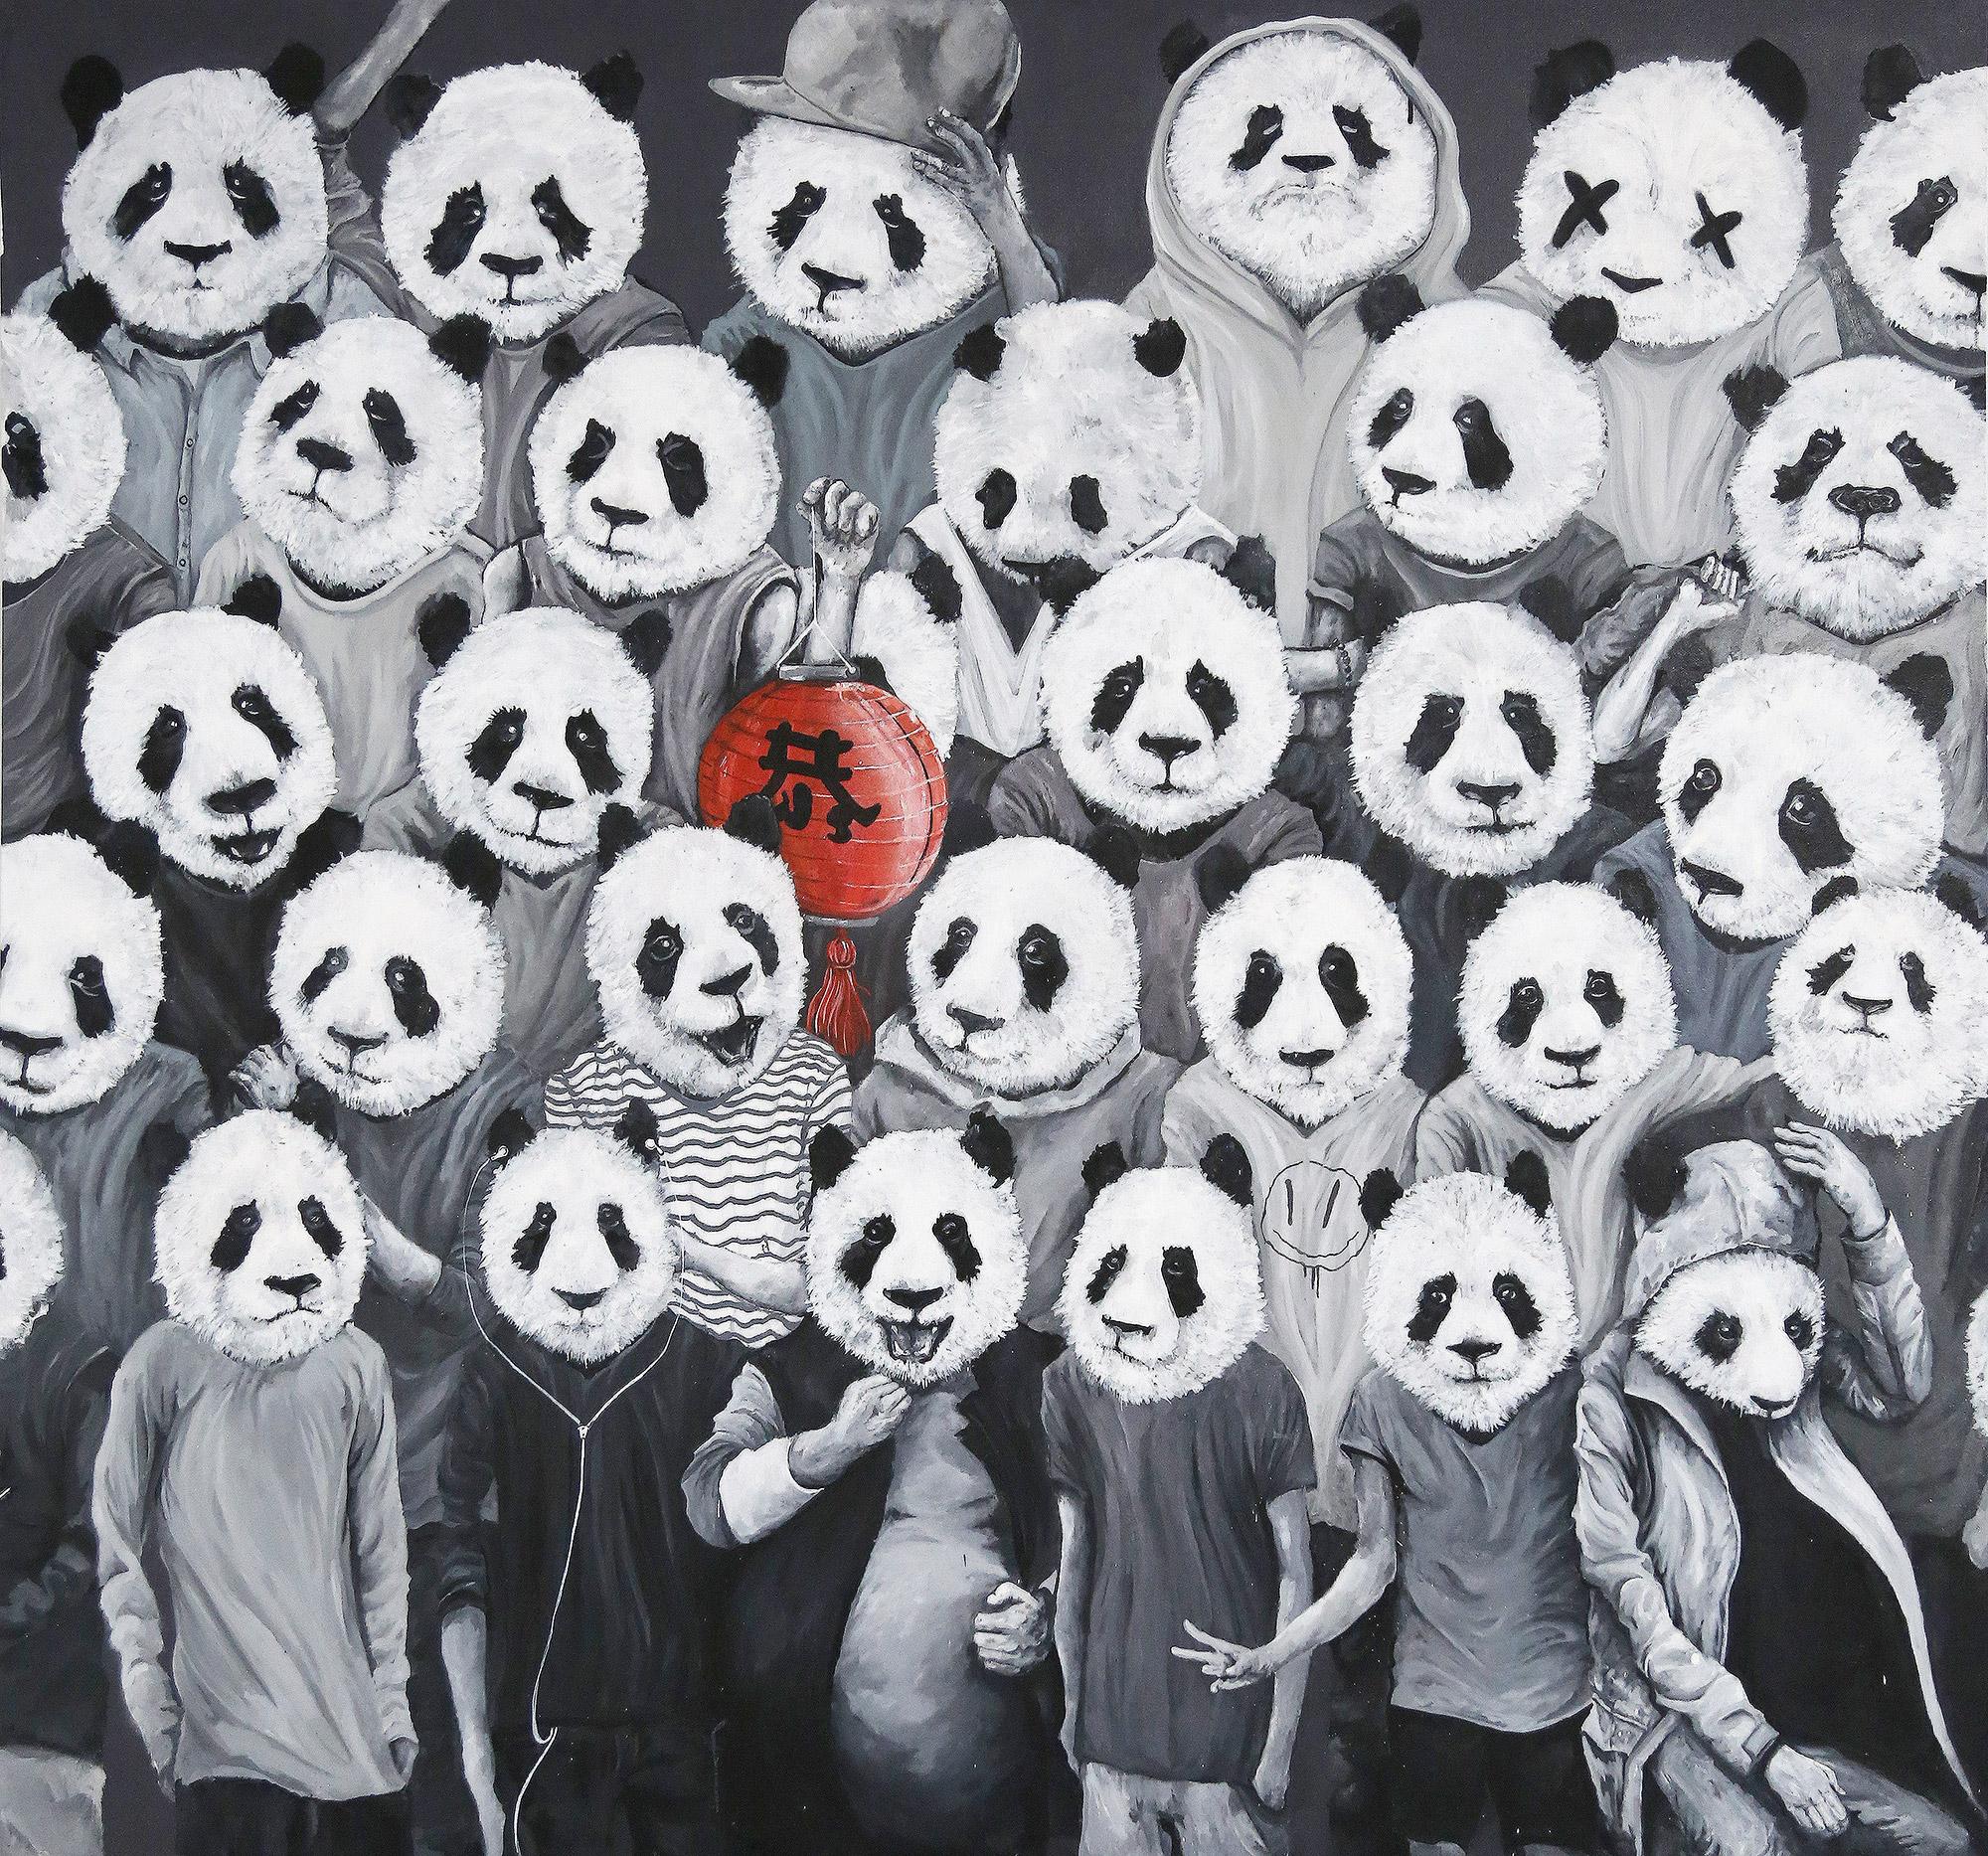 Abeil - Pandas band - Jardin Orange - Street art 974